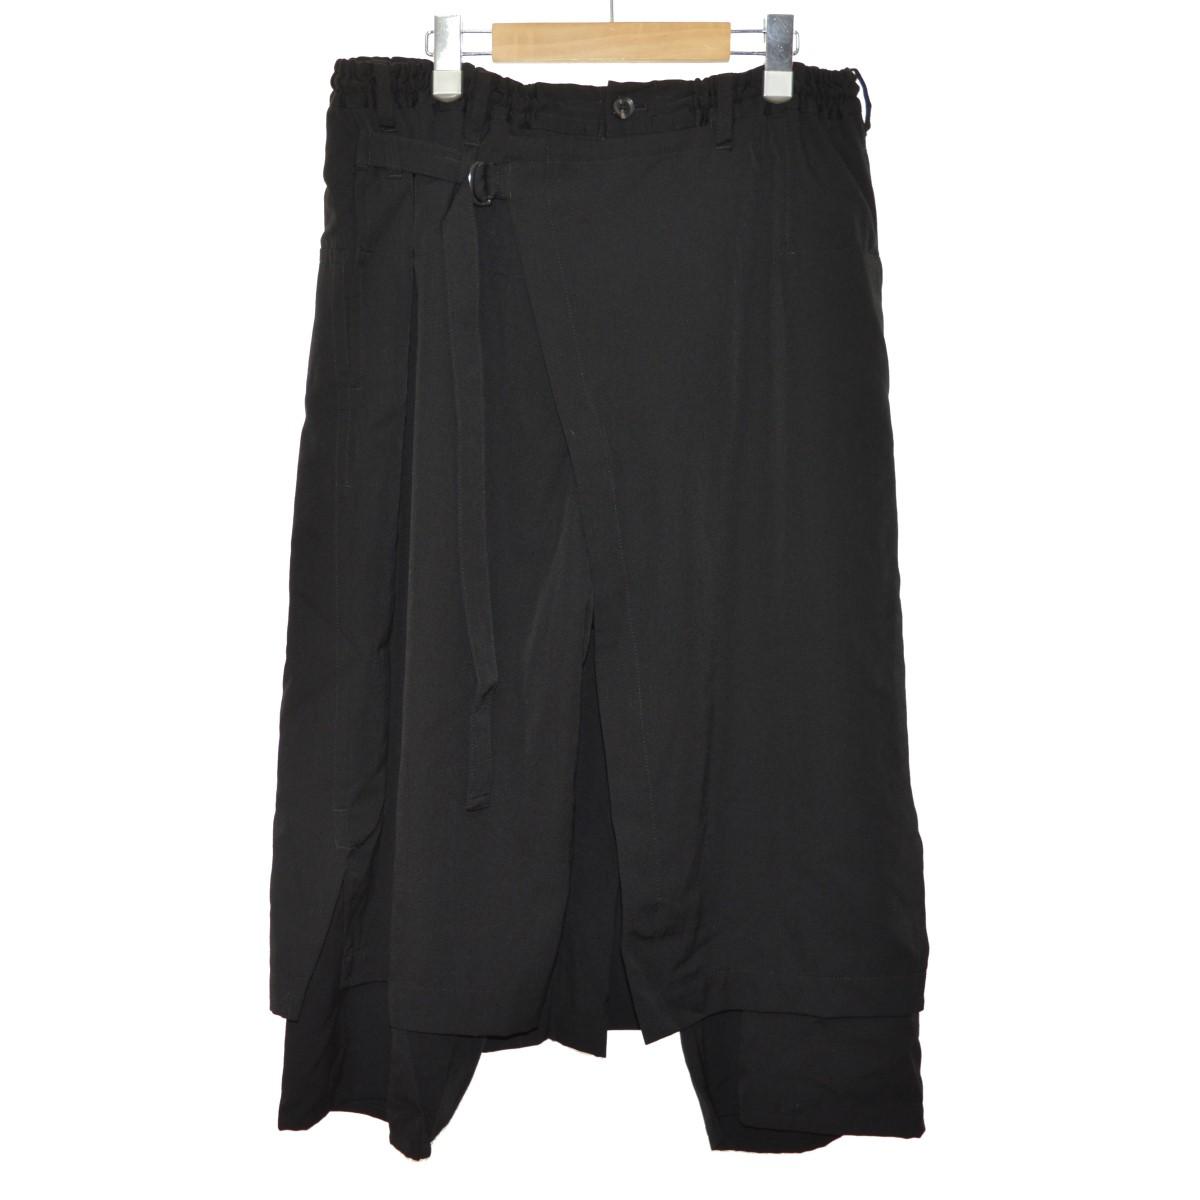 【中古】YOHJI YAMAMOTO pour homme 18SS 左ラップパンツ ブラック サイズ:3 【240220】(ヨウジヤマモトプールオム)